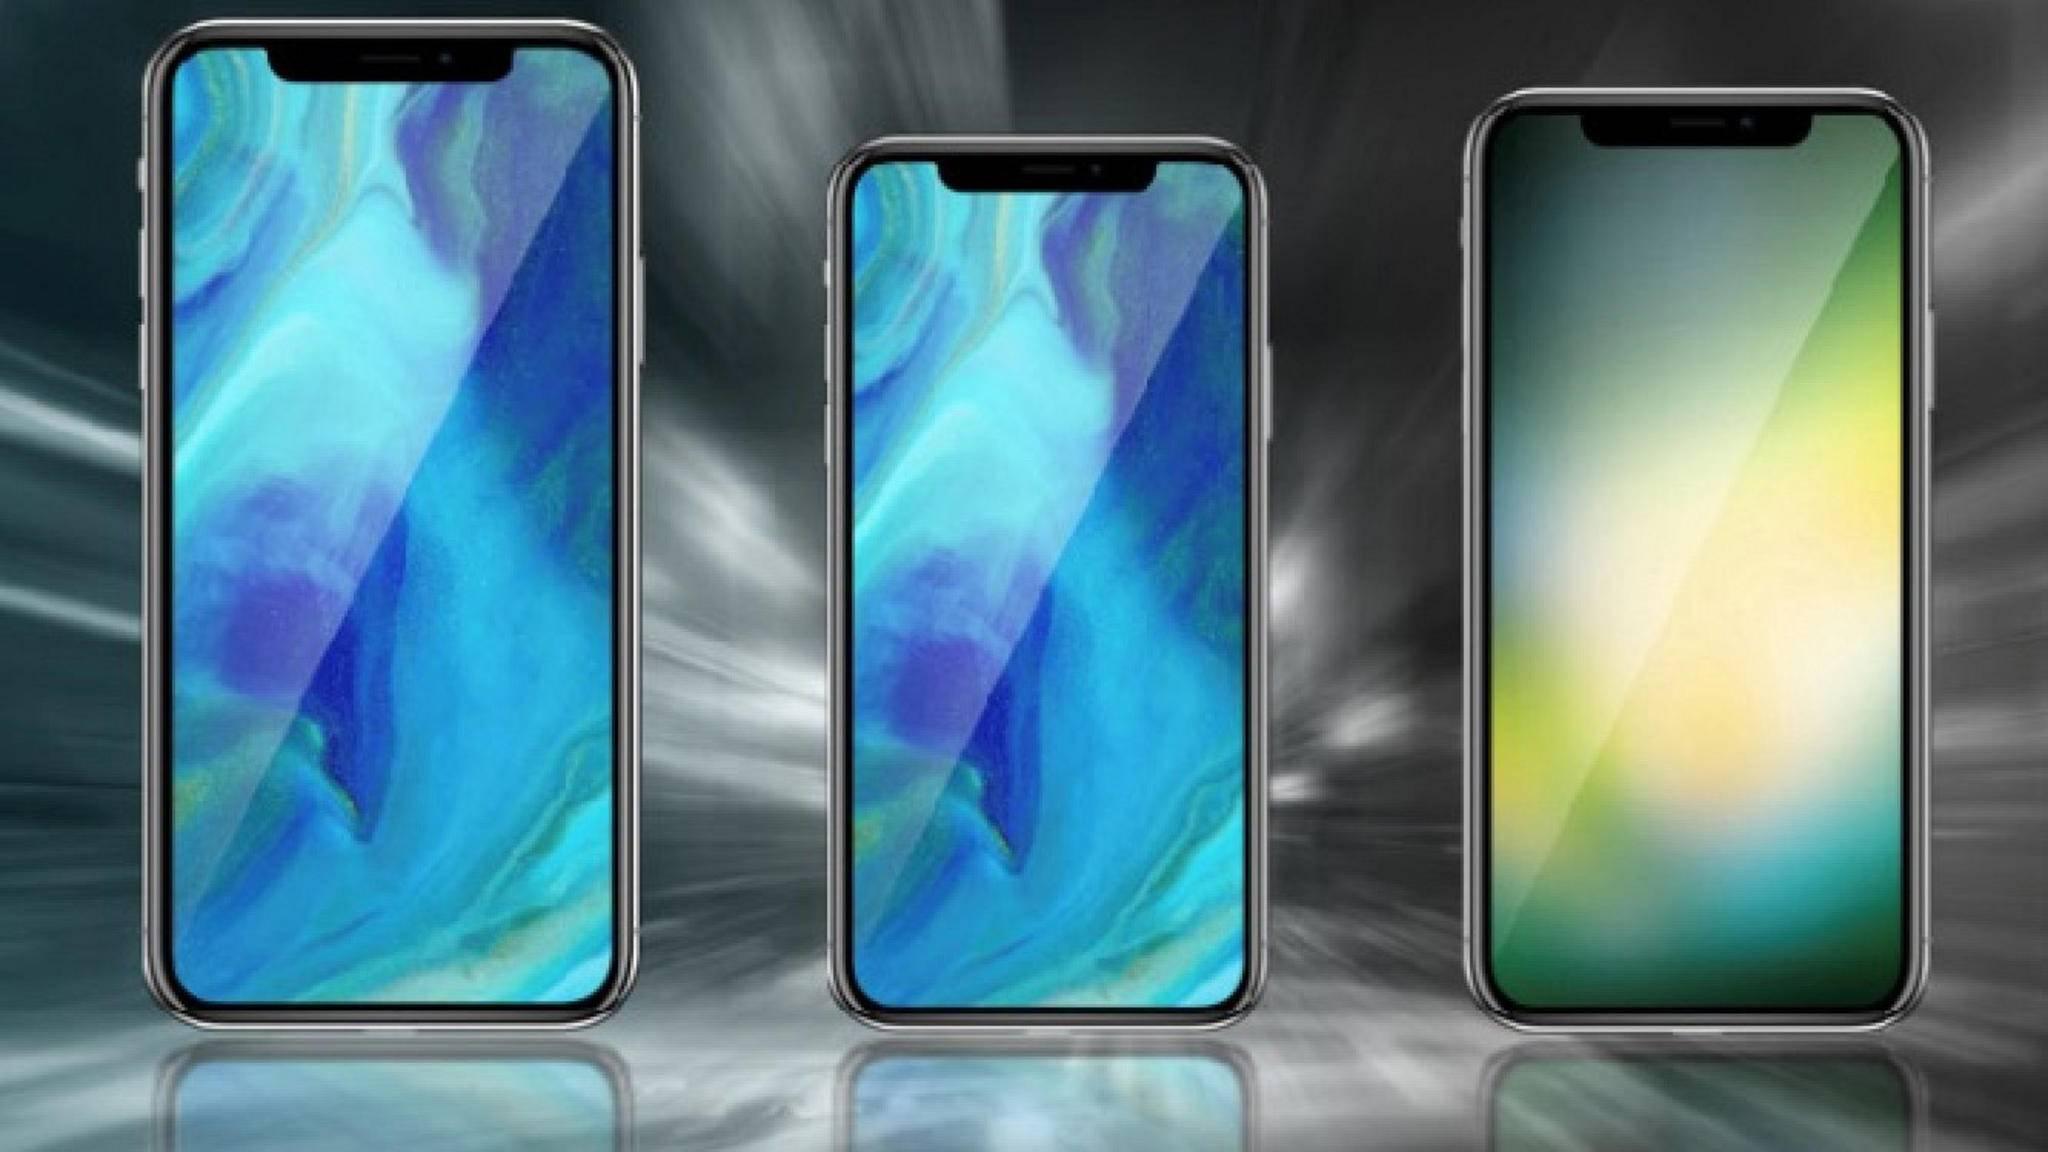 Das iPhone X und voraussichtlich seine Home-Button-losen Nachfolger würden besonders von erweiterten 3D-Touch-Features profitieren.